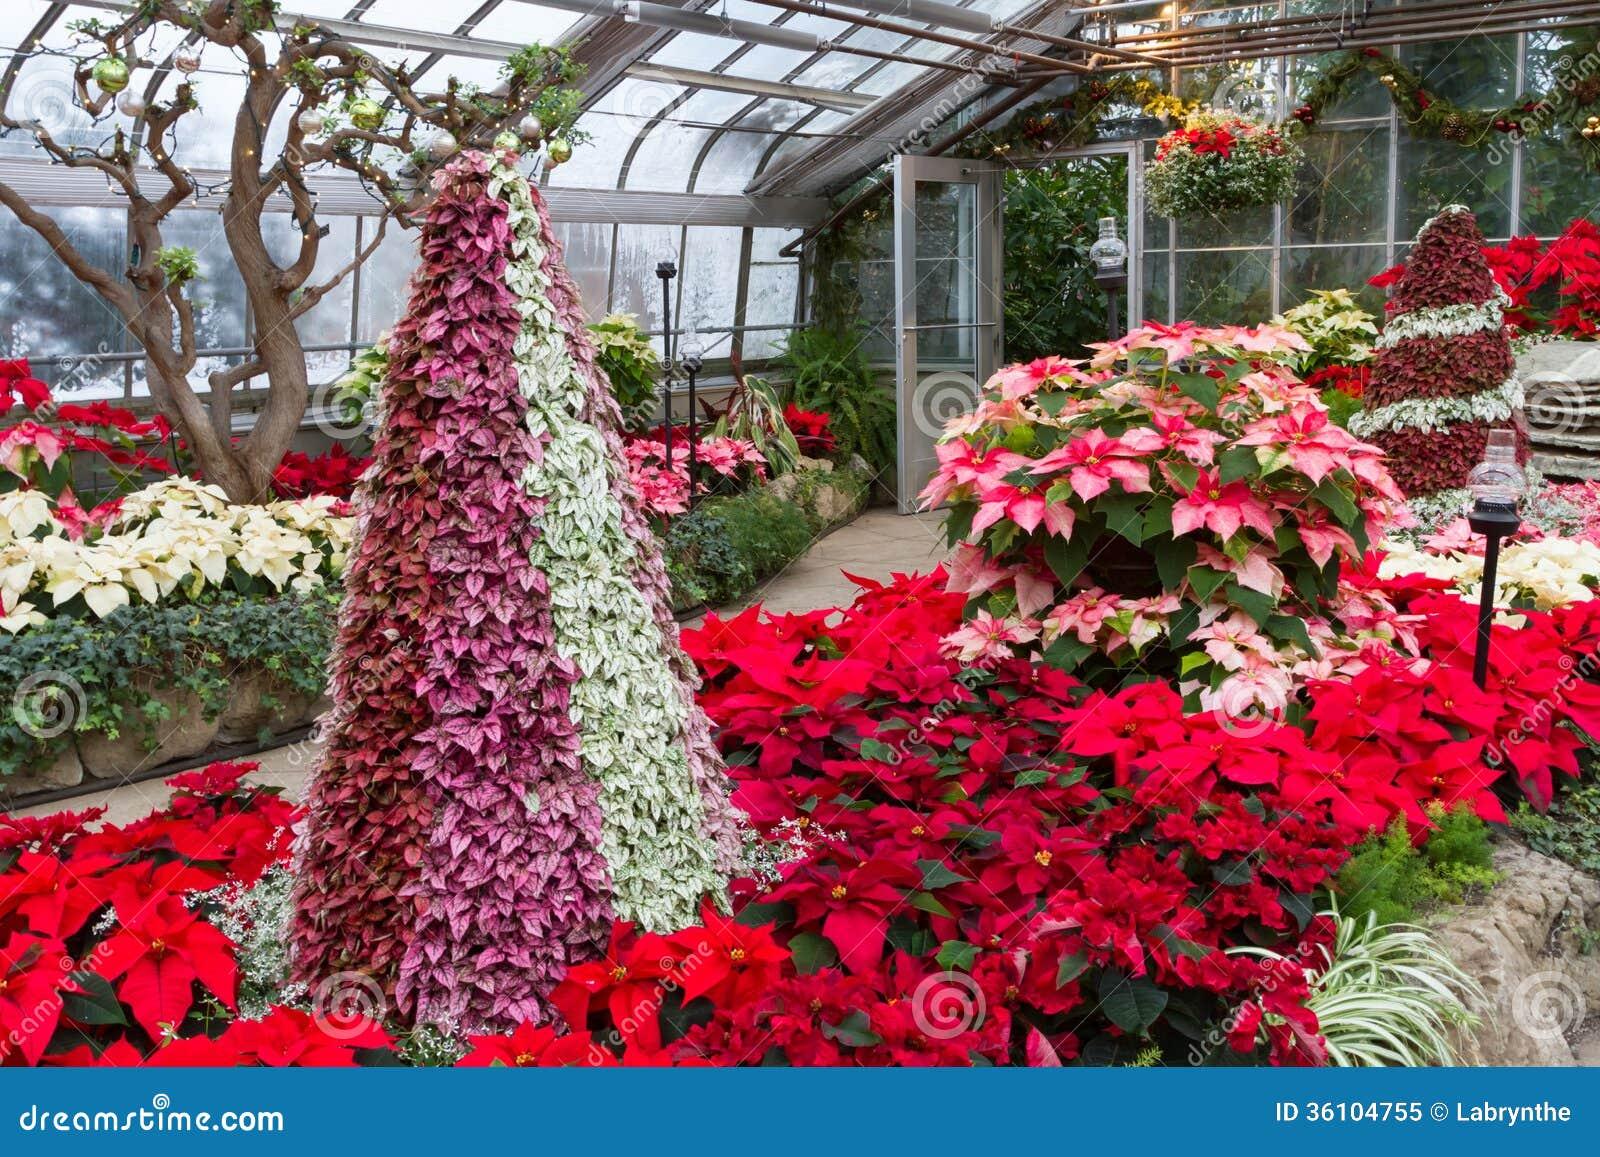 Jardin Des Fleurs De Poinsietta Photo libre de droits ...